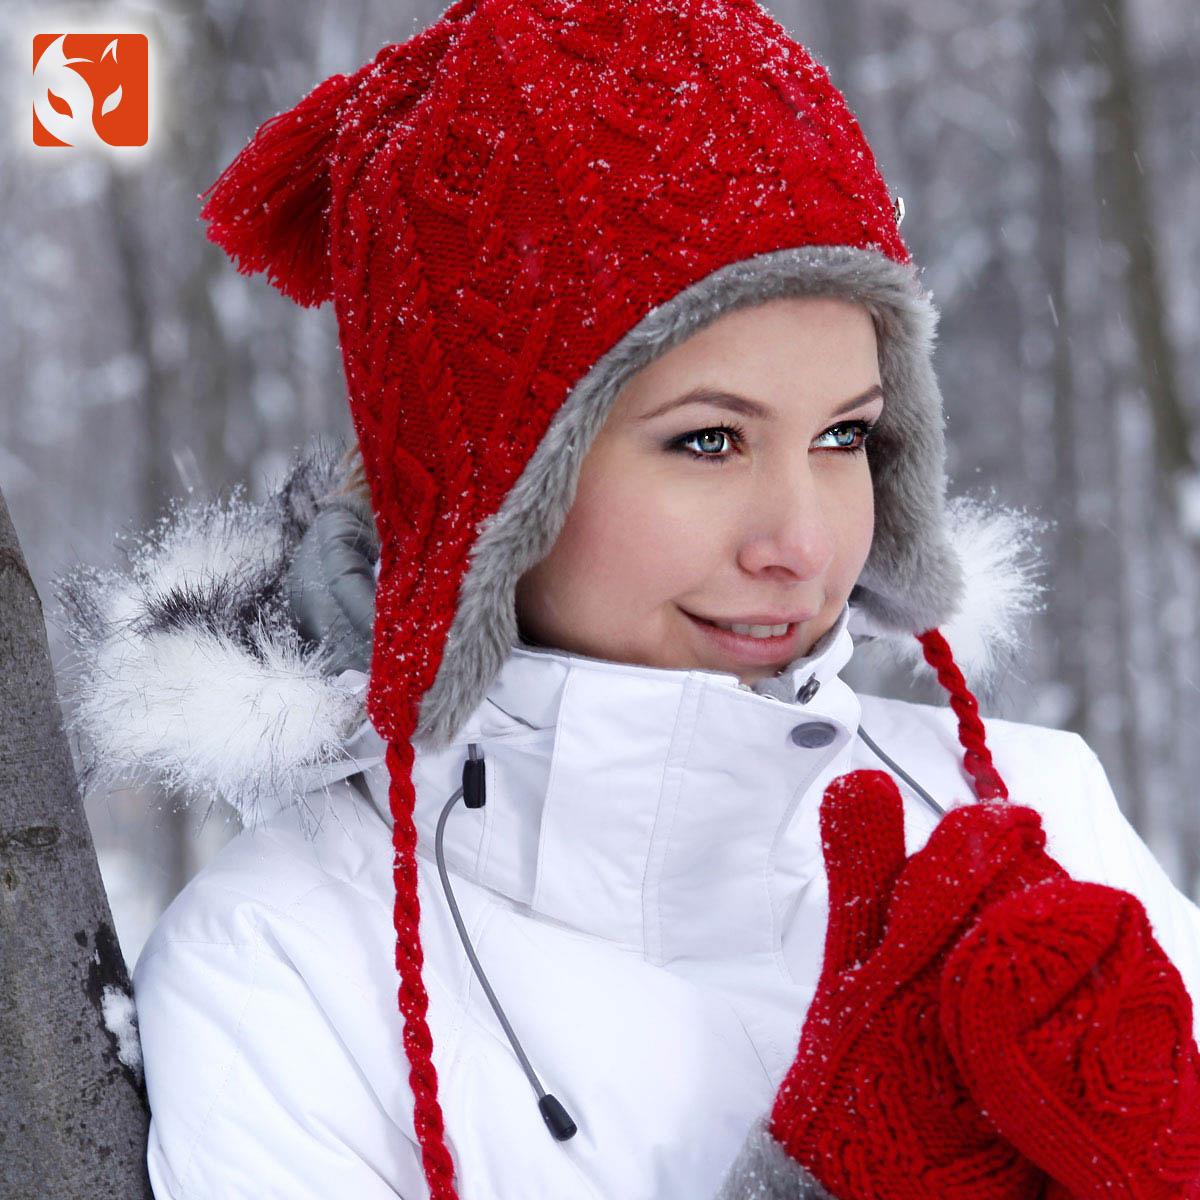 专柜正品 快乐狐狸/ArcticFox 女式针织帽 毛线风雪帽子 AFC-0630